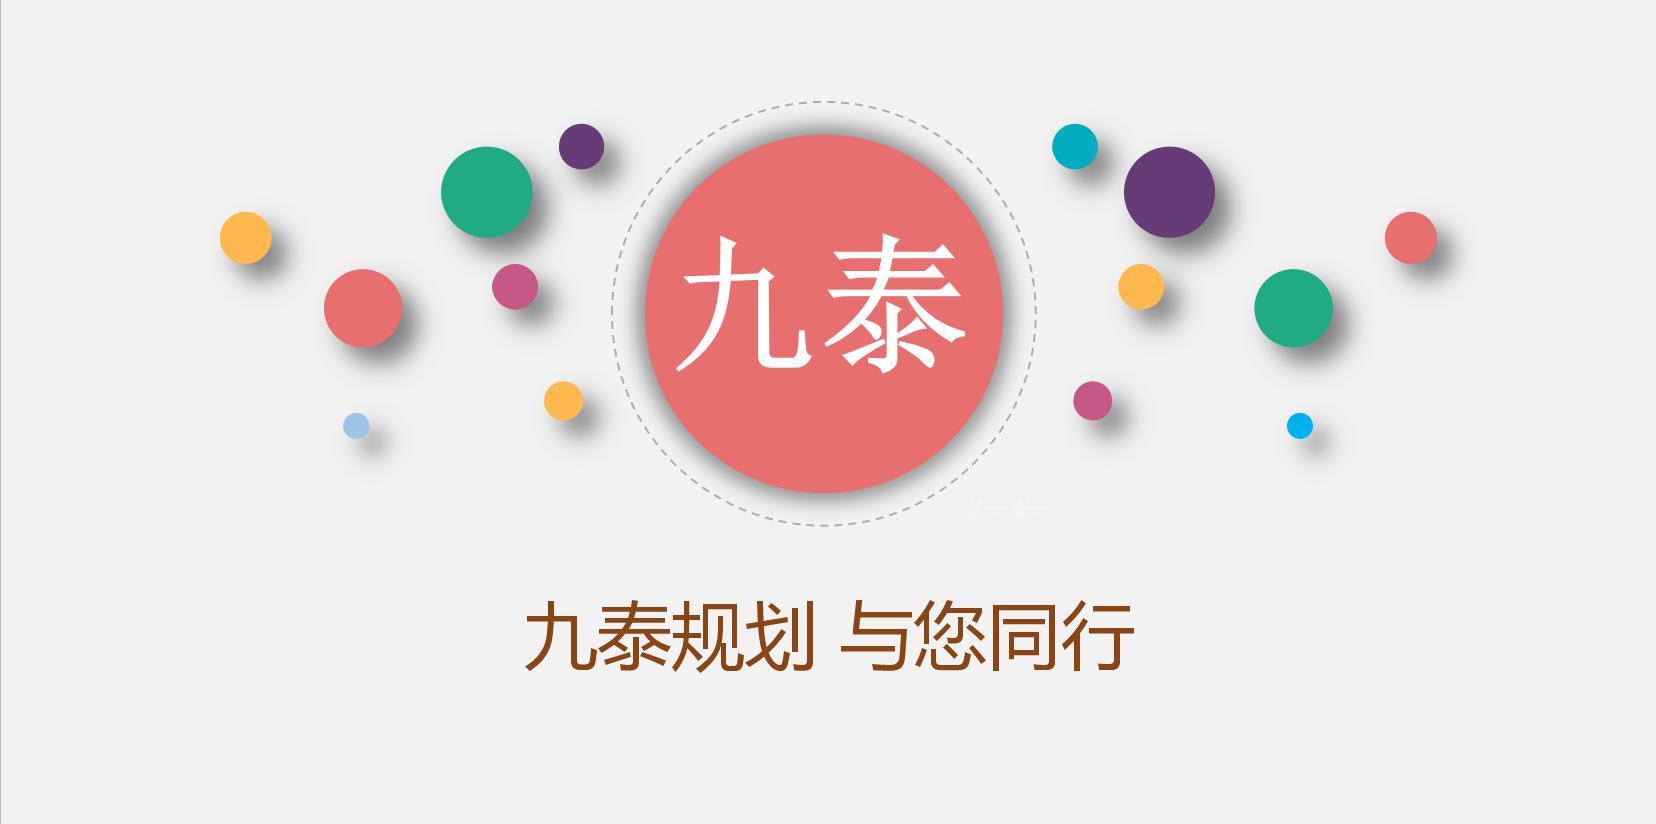 临夏市编写可行性研究报告(鸟瞰图效果图)公司